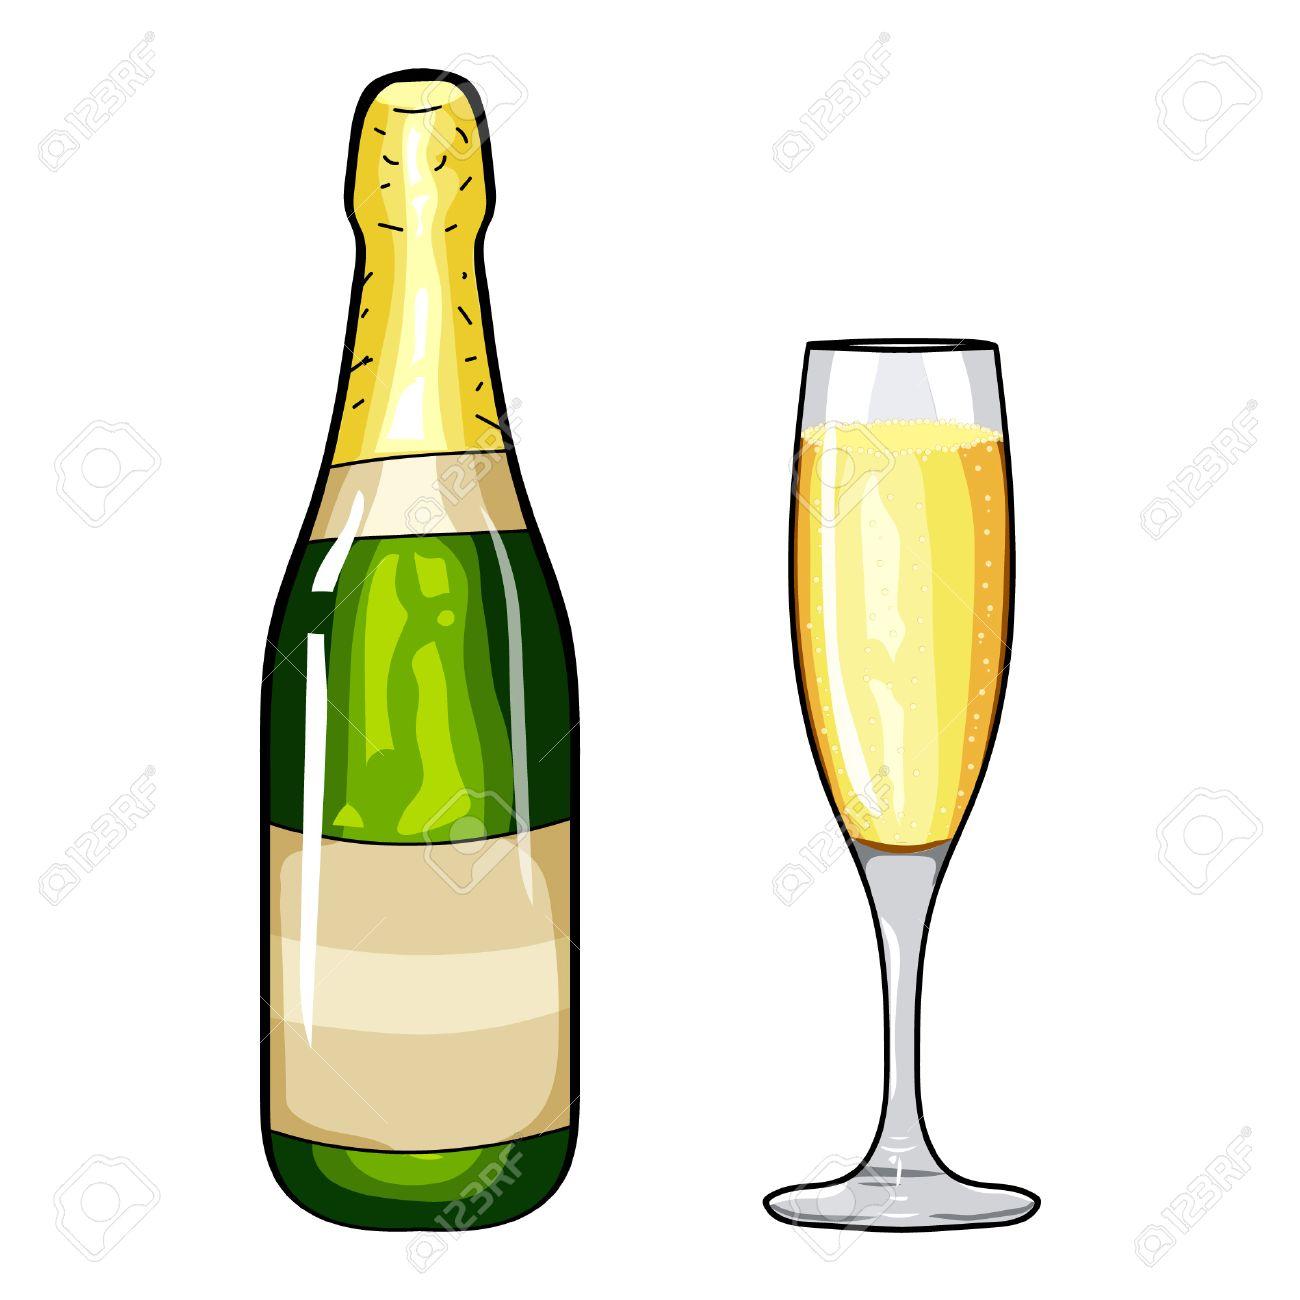 Bouteille De Champagne Dessin bouteille de champagne et un verre de champagne. Élément champagne